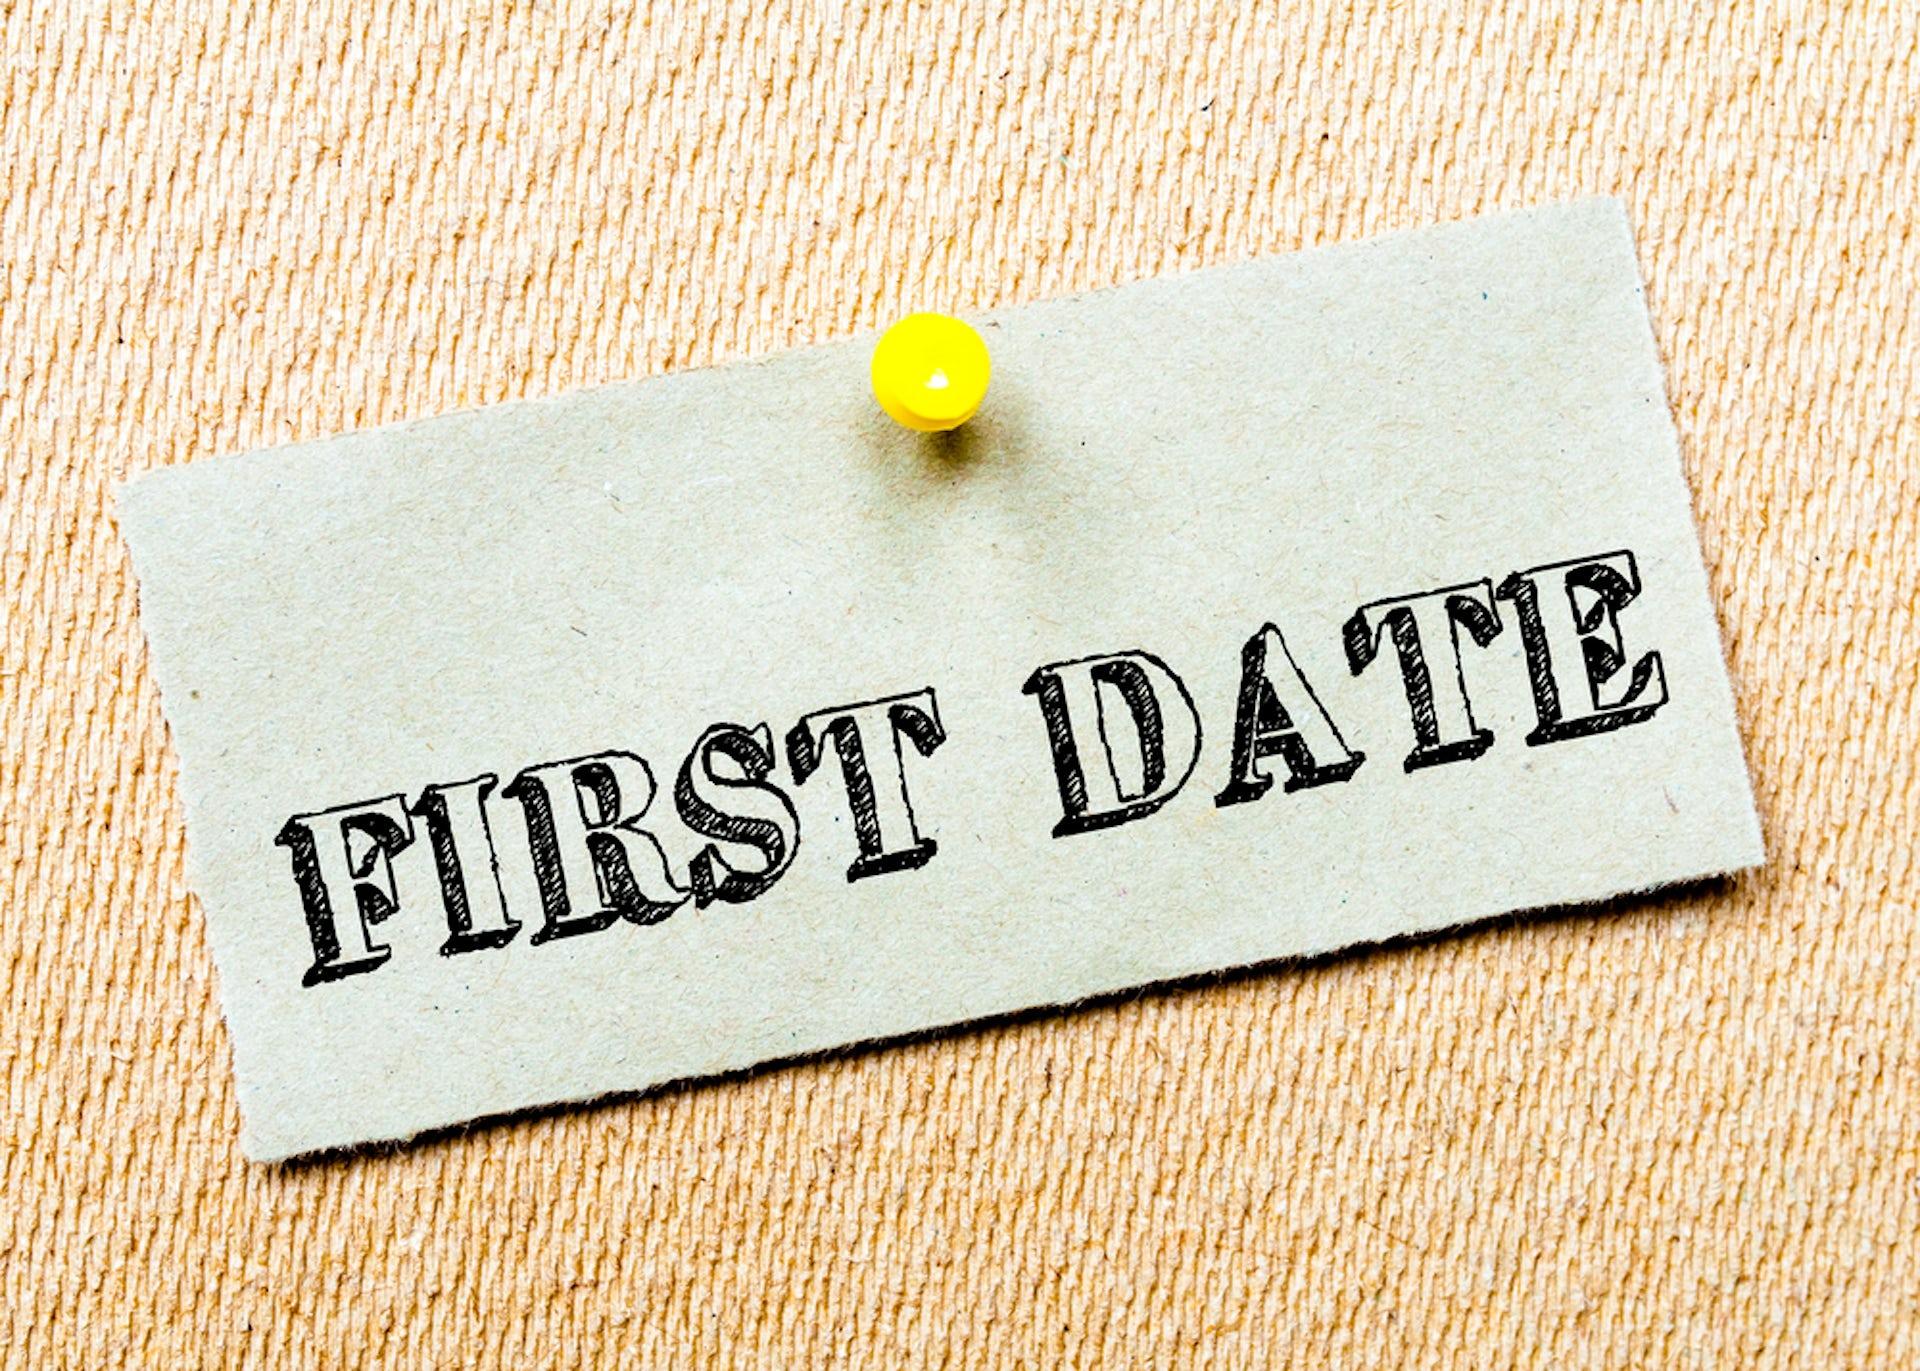 Focus Artikel online dating